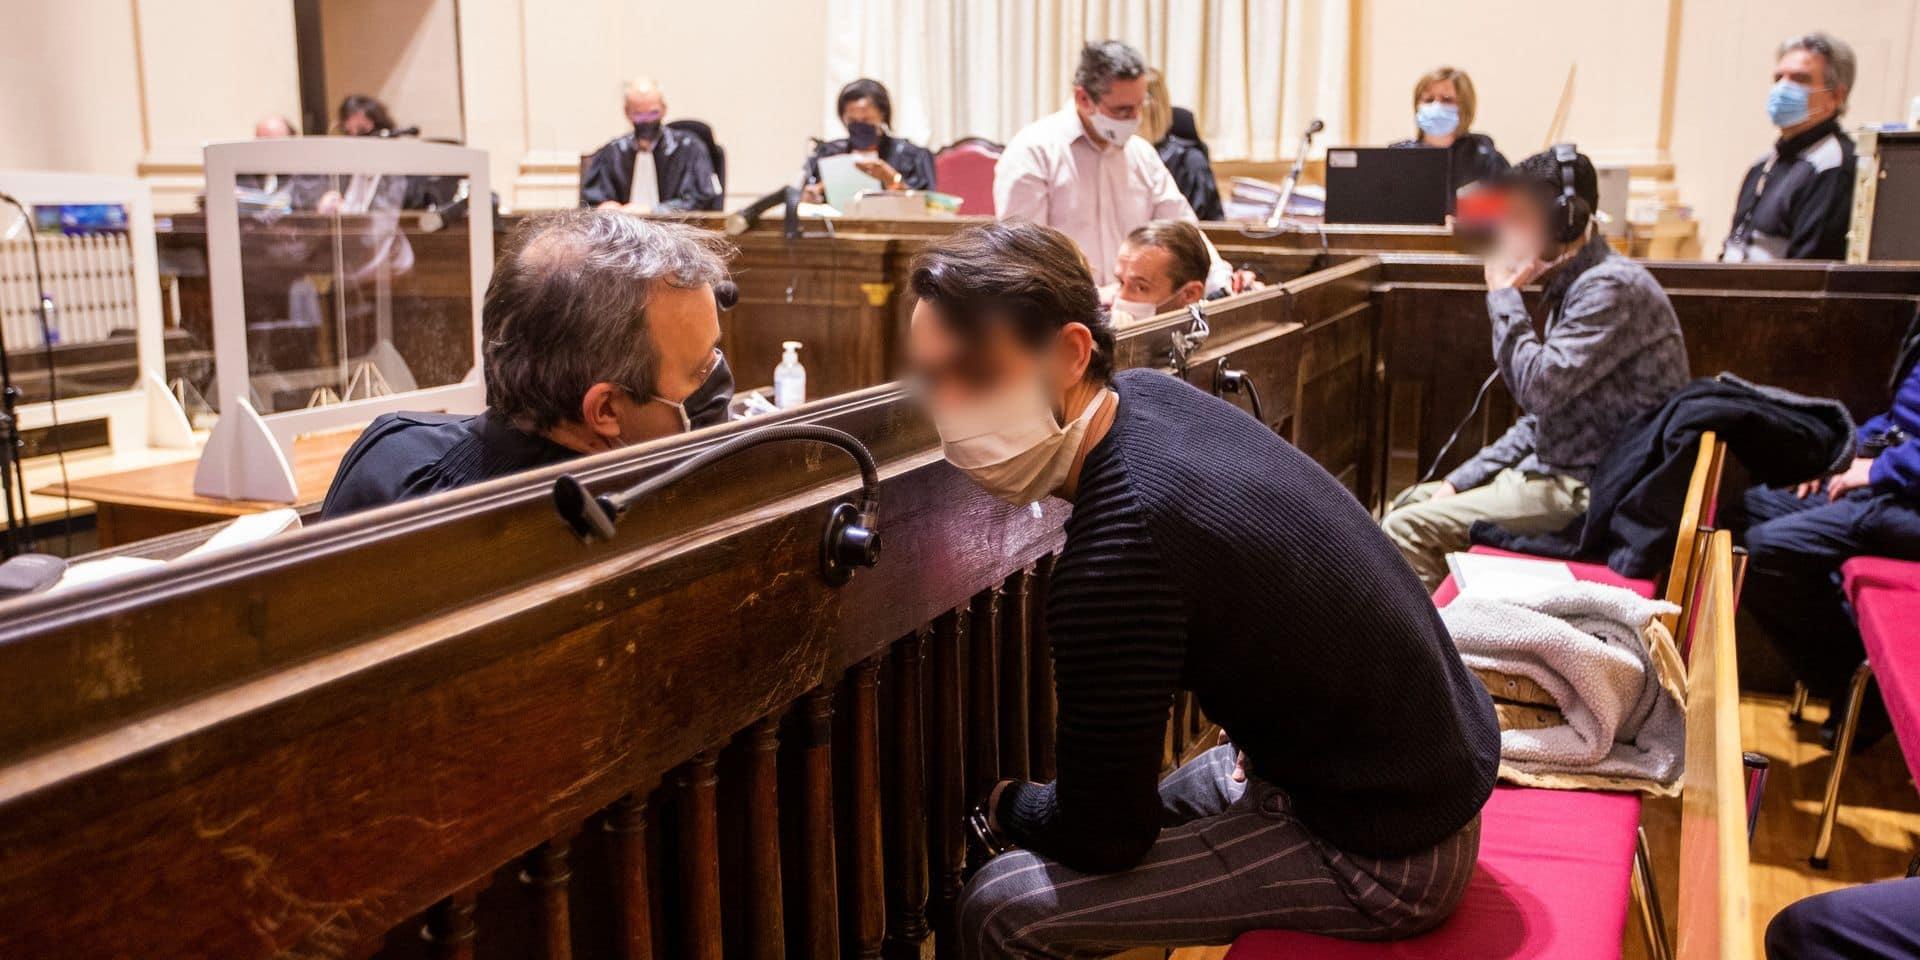 L'arrêt dans l'affaire Mawda attendu le 29 octobre, la défense plaide l'acquittement